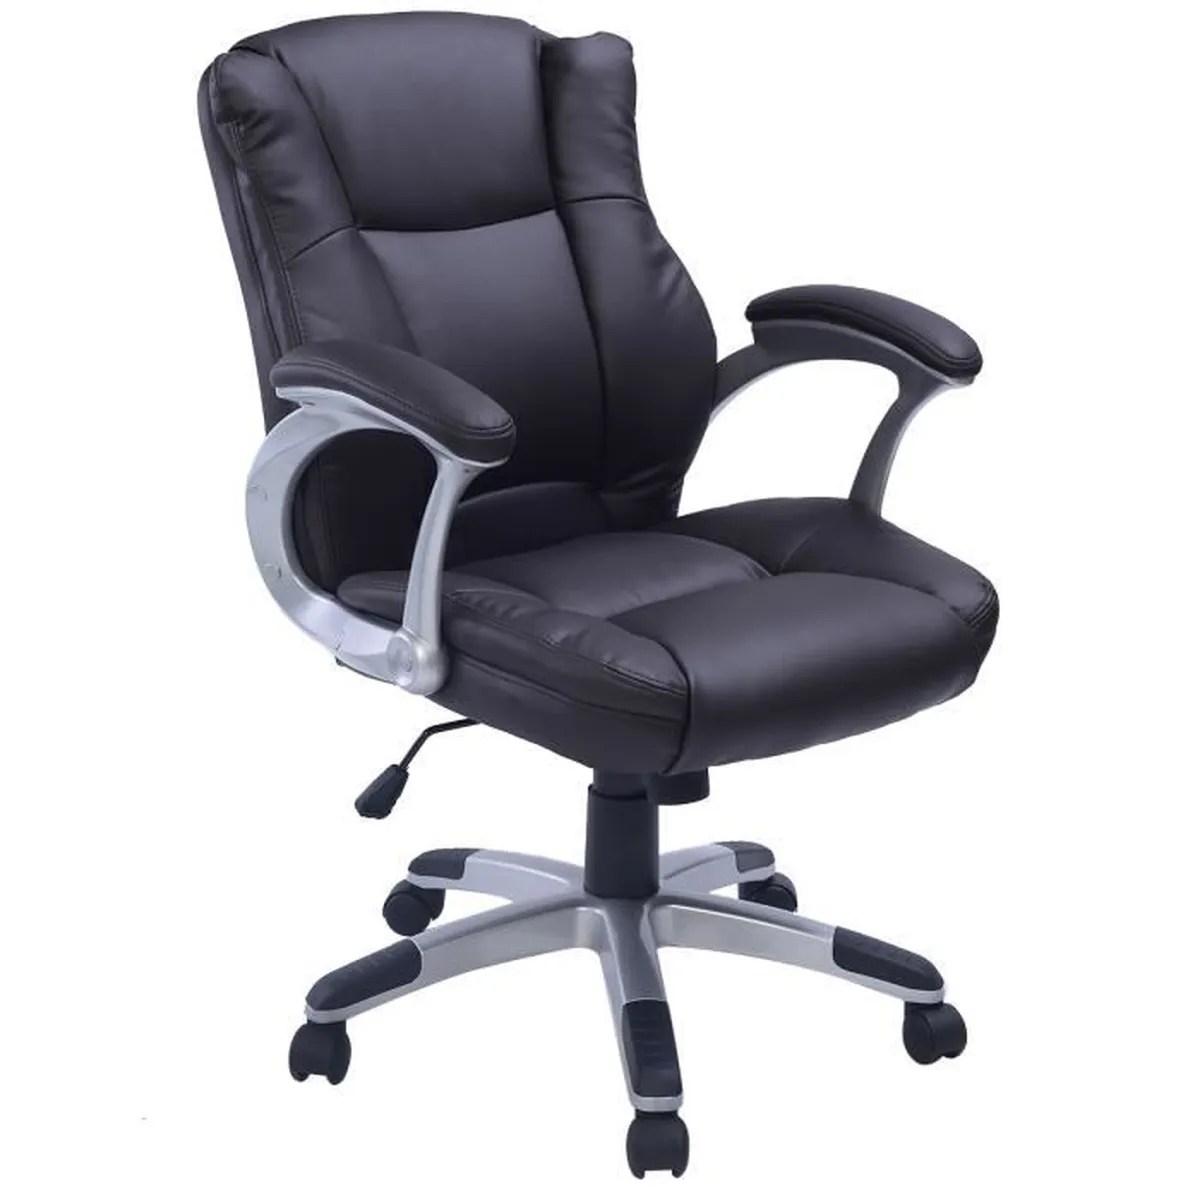 chaise de bureau chaise de bureau luxe executif d ordinateur rembou